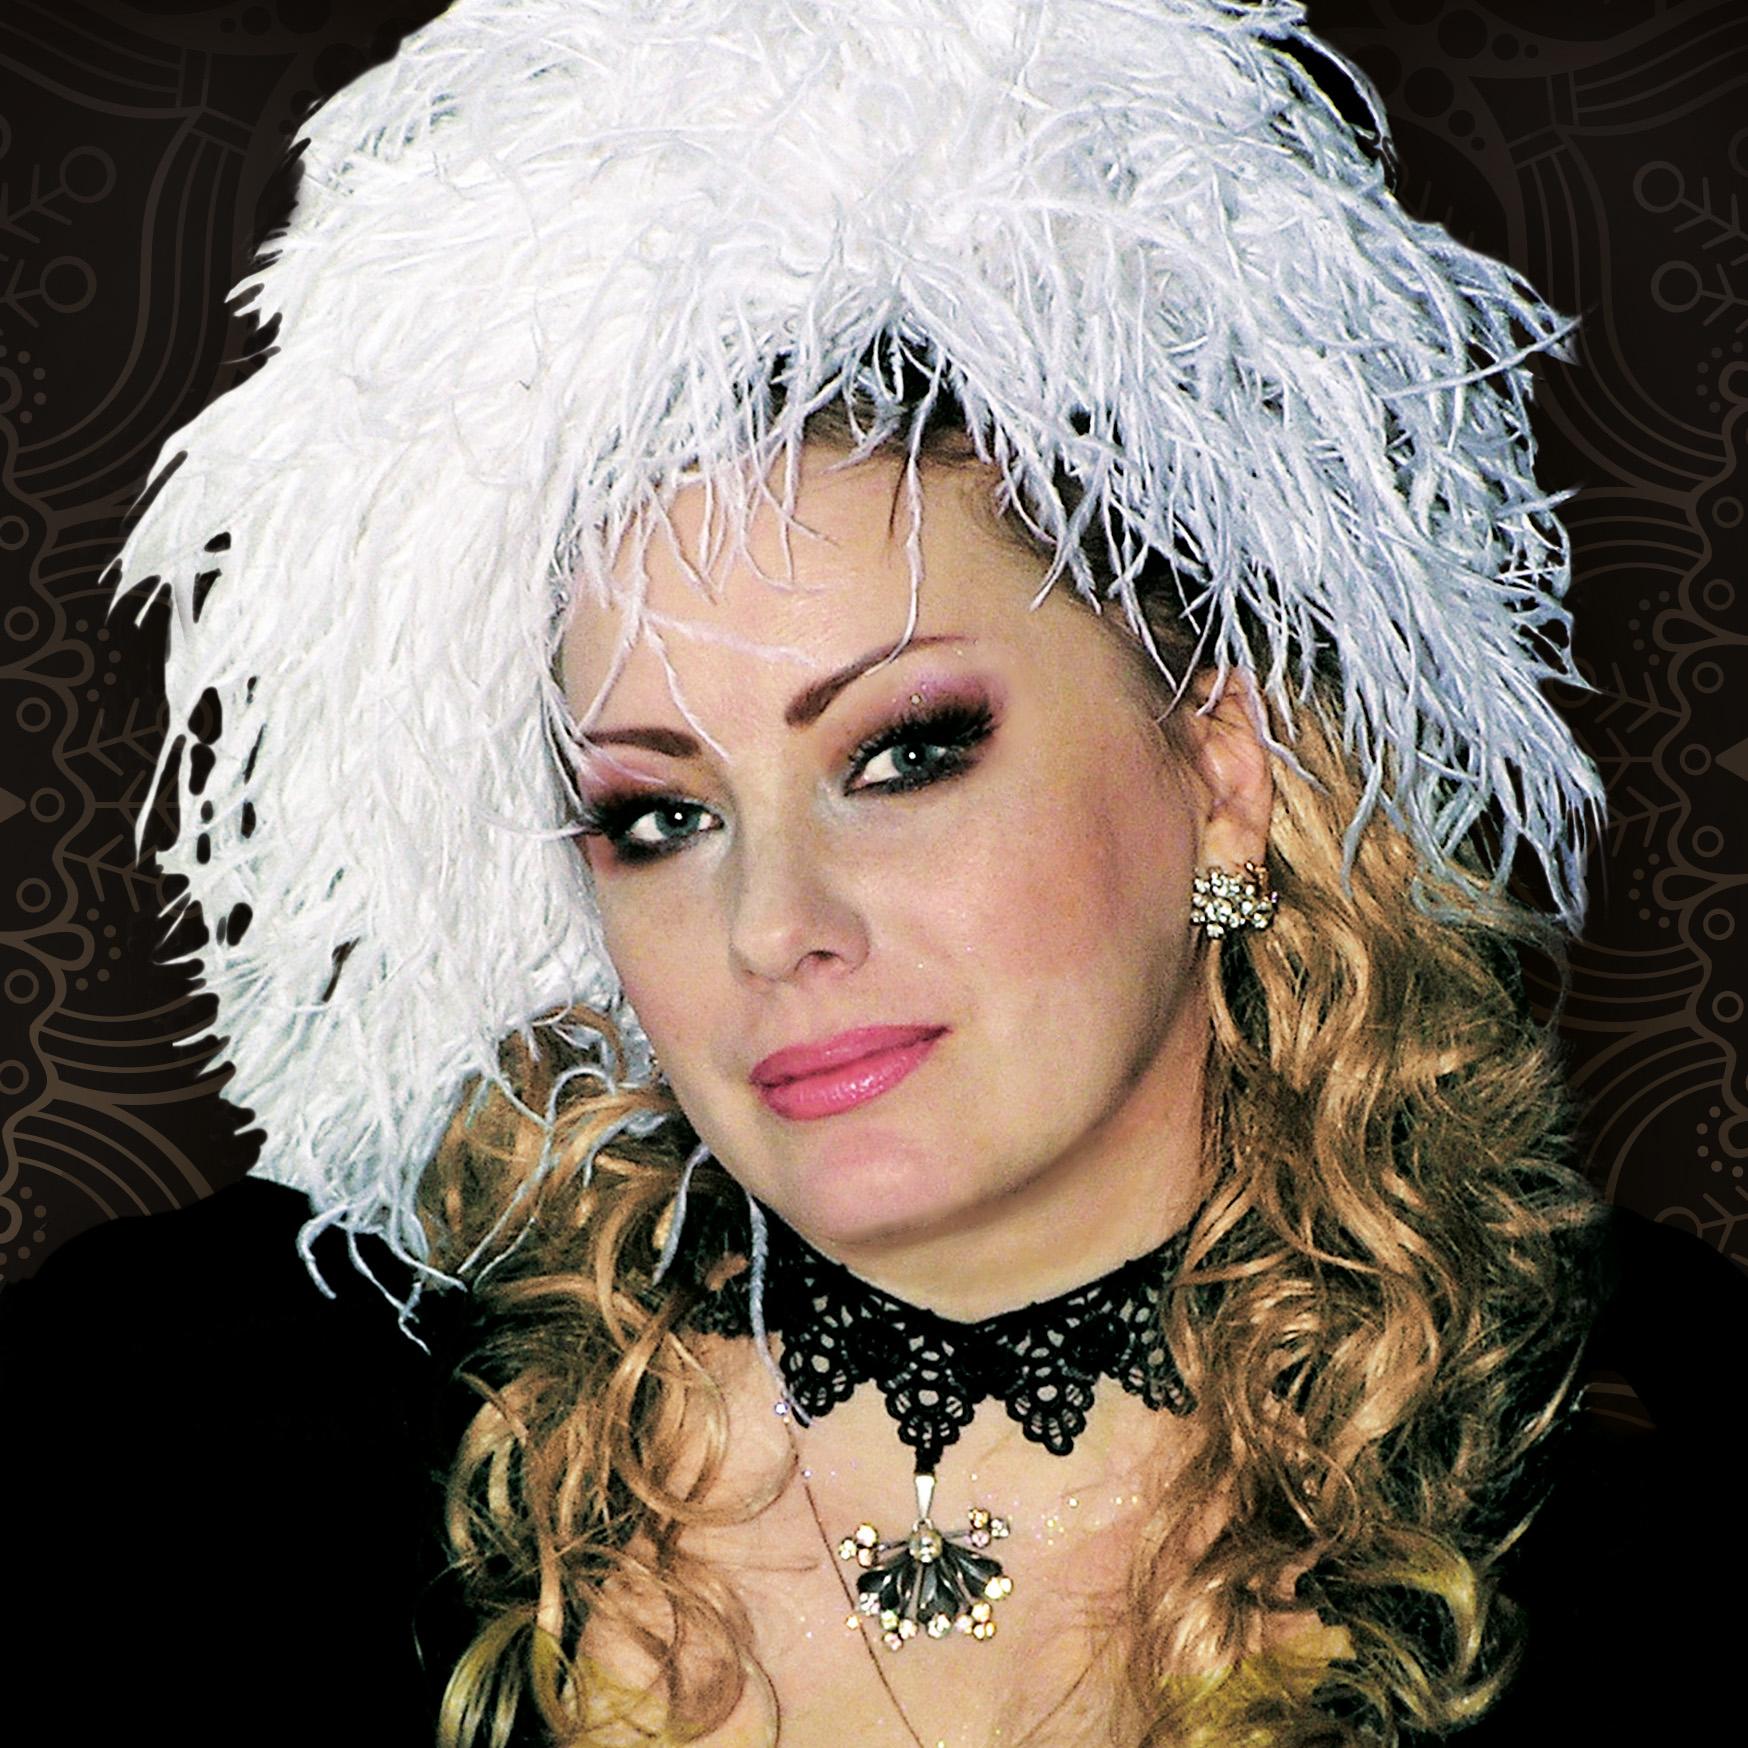 Yelena Lomonossova